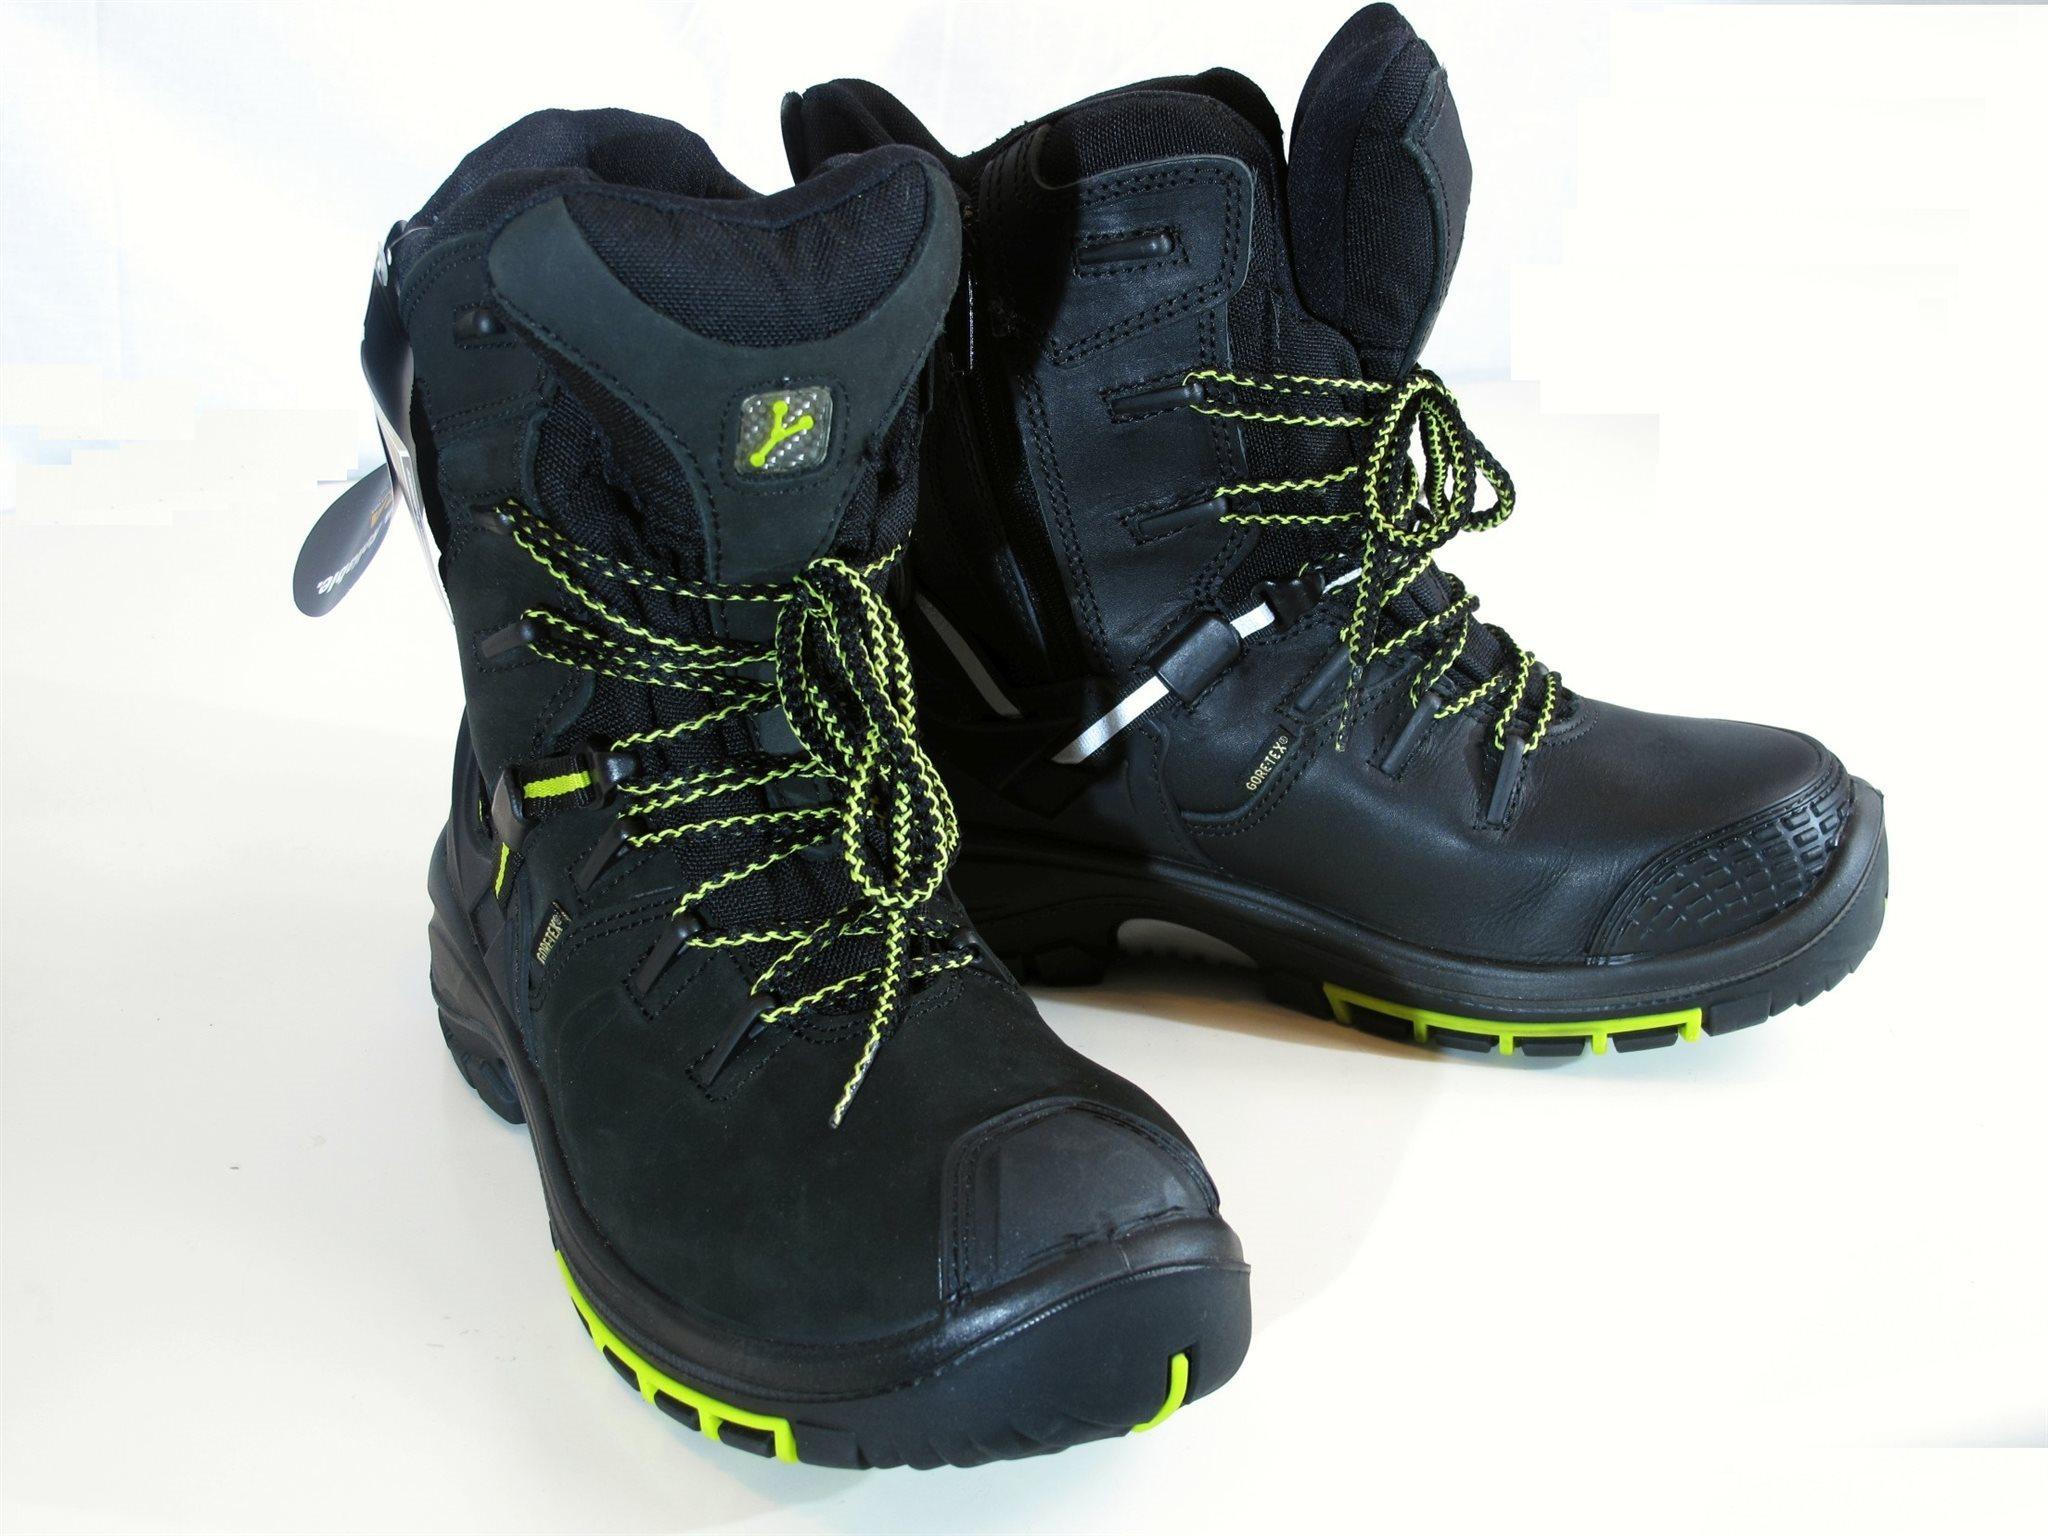 skor med stålhätta